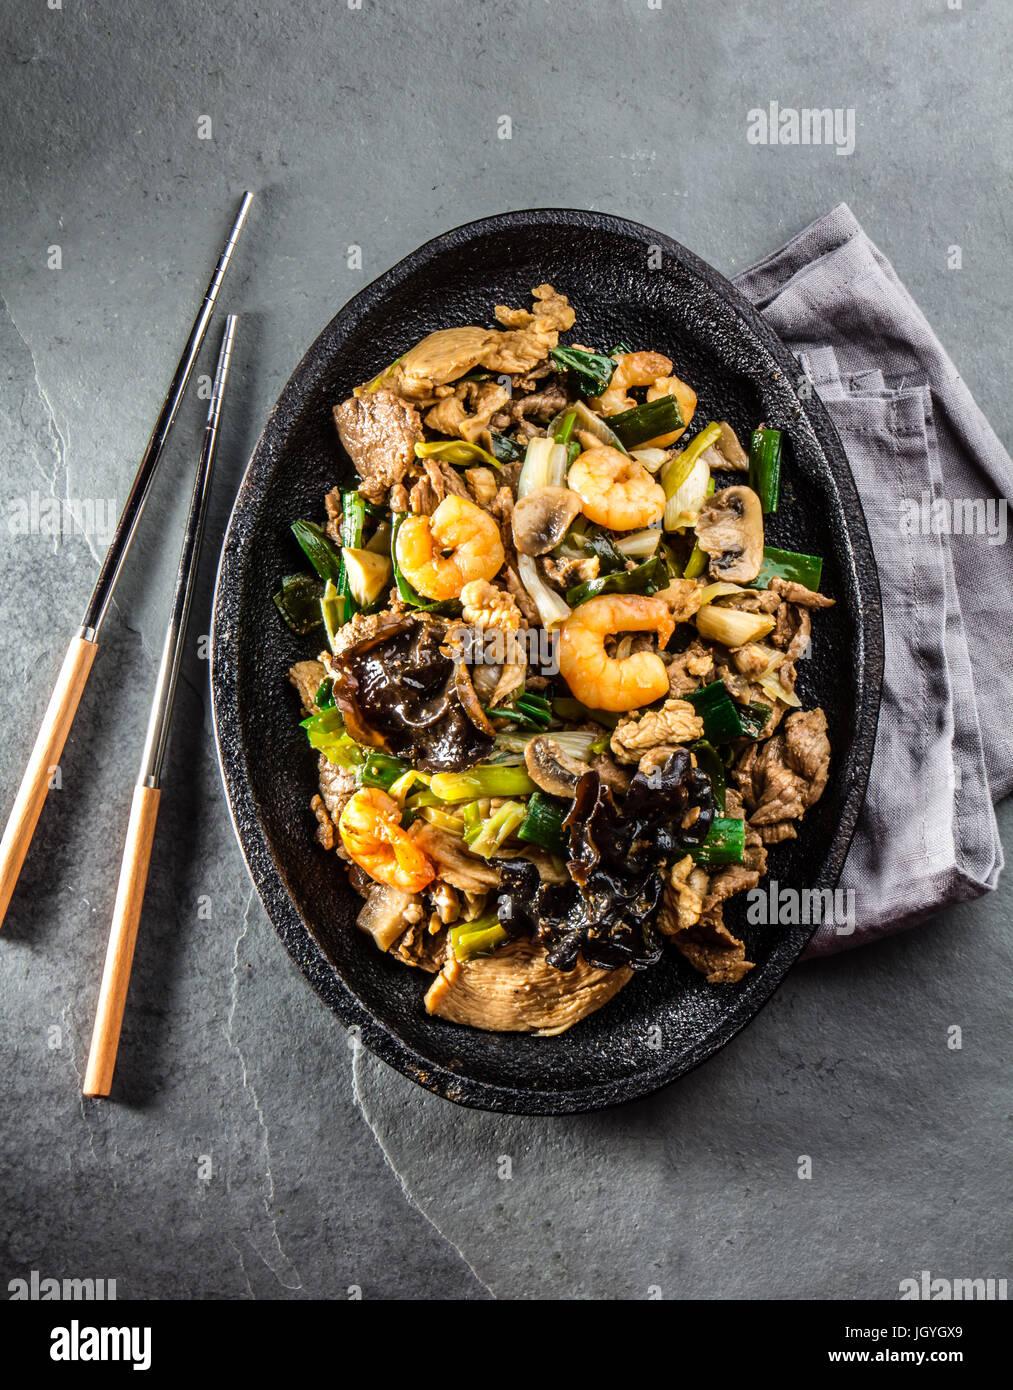 La cuisine chinoise. Pam te sao. Casserole de poêlée de boeuf, porc, poulet, crevettes, champignons shiitake, Photo Stock